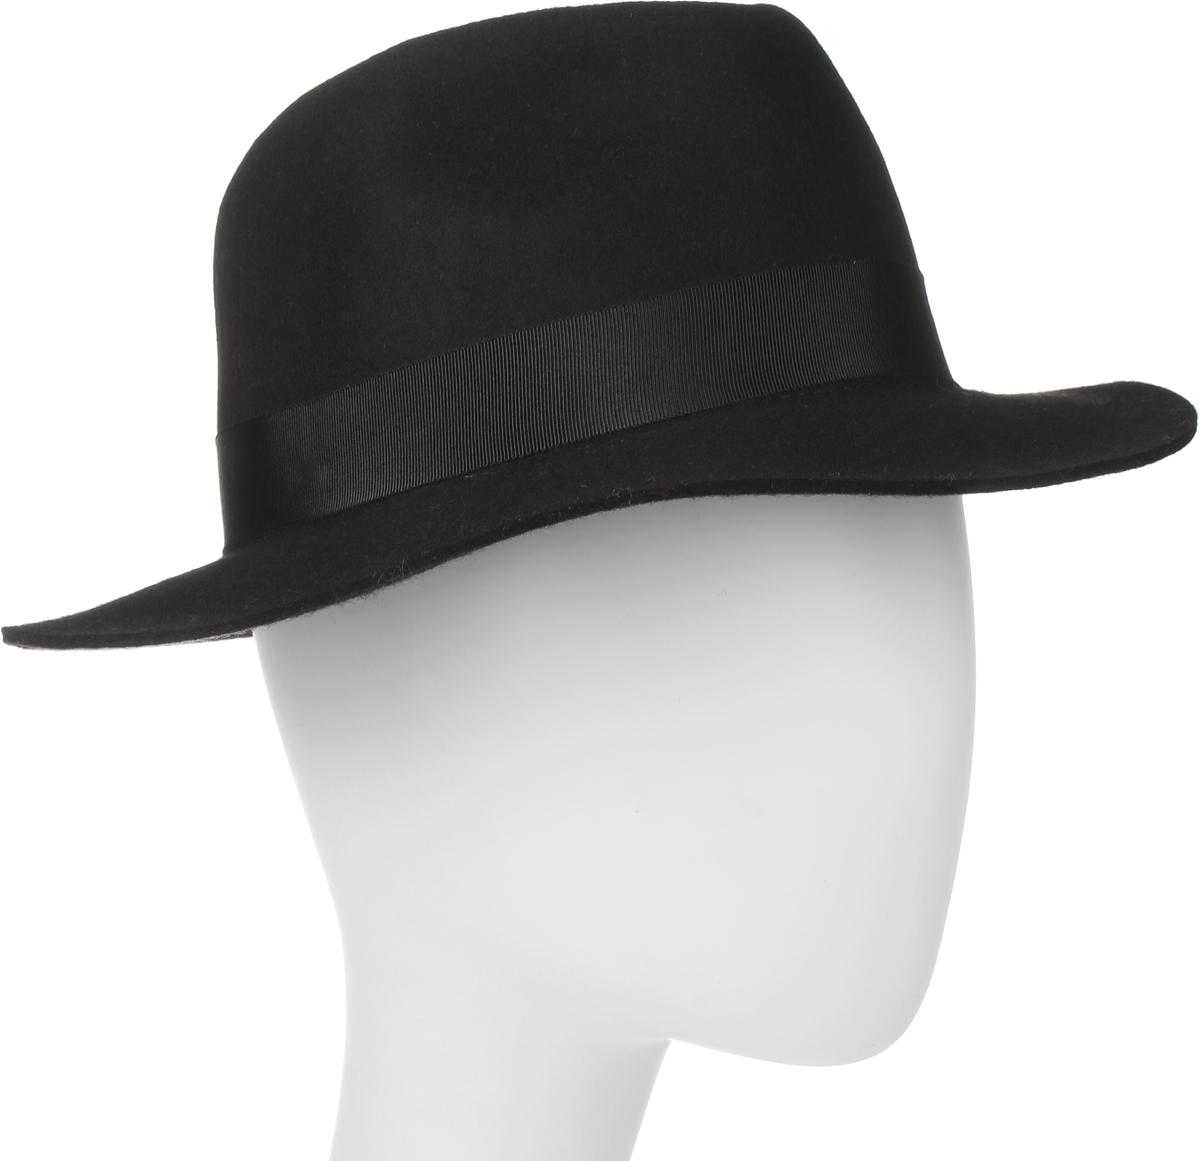 100-9877Элегантная шляпа Goorin Brothers, выполненная из высококачественного мягкого фетра, дополнит любой образ. Модель с А-образной тульей с продольным заломом и слегка изогнутыми вверх полями. Внутри модель дополнена плотной тесьмой для комфортной посадки изделия по голове. Шляпа-федора по тулье оформлена широкой репсовой лентой с бантом и дополнена металлическим элементом в виде логотипа бренда. Такая шляпа подчеркнет вашу неповторимость и прекрасный вкус.